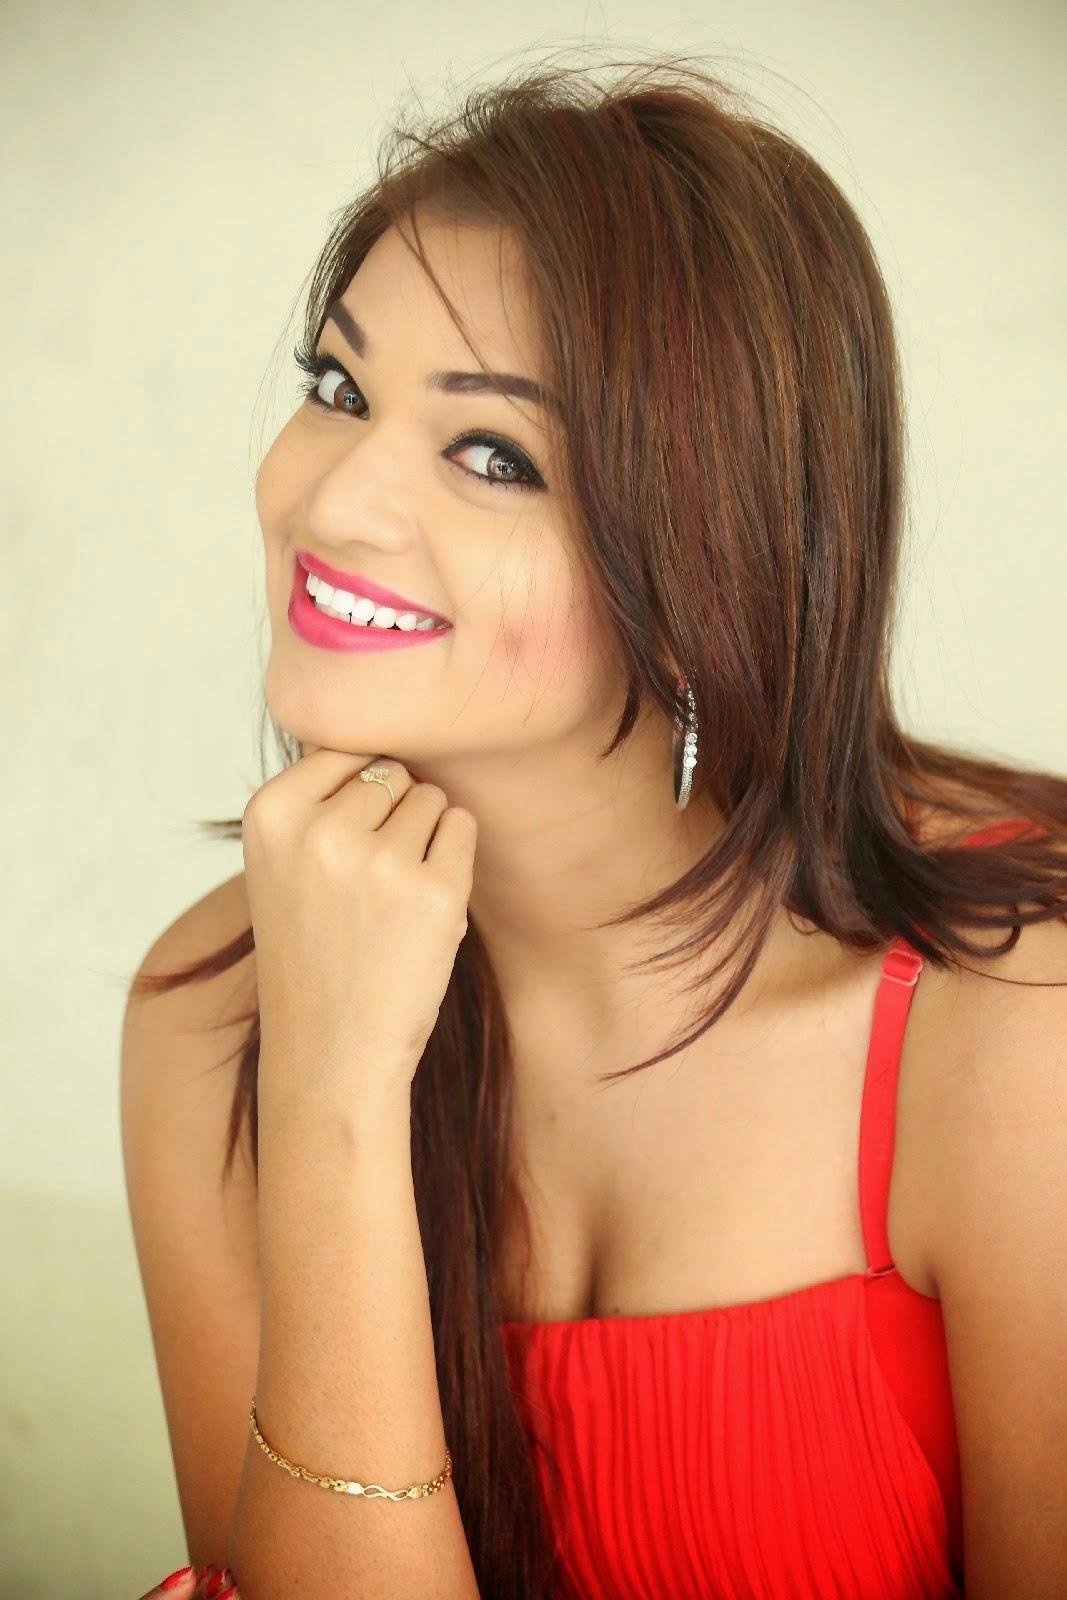 Telugu real girls hot breast